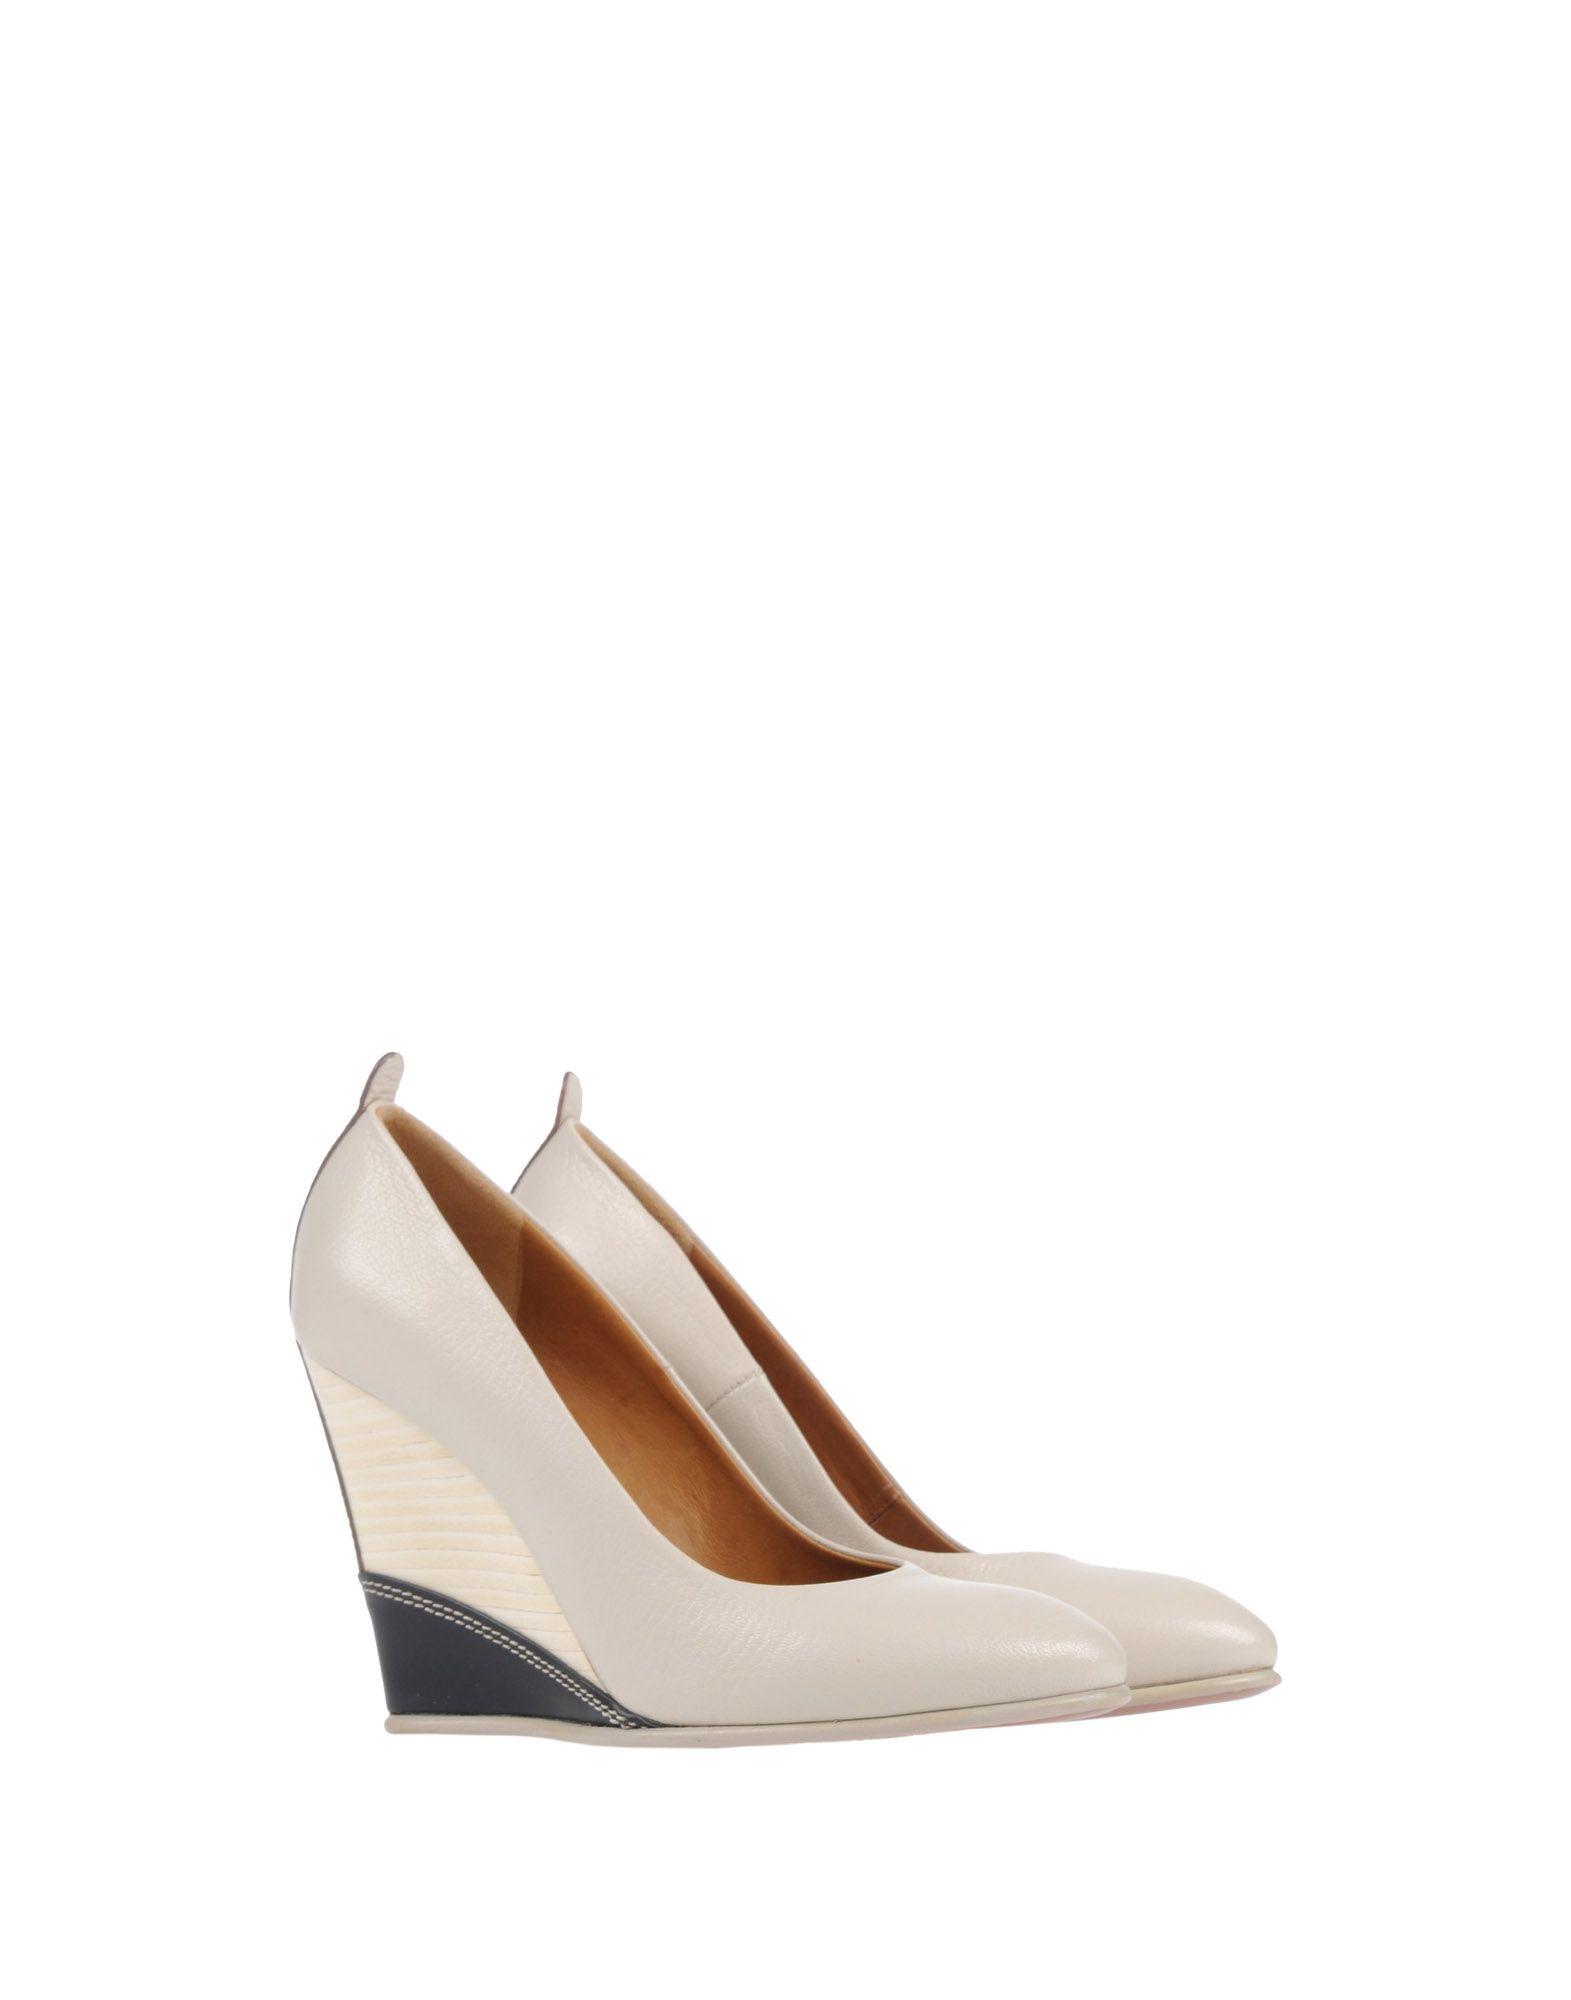 Chloé Pumps Damen Schuhe  11461989BFGünstige gut aussehende Schuhe Damen 72a0d3